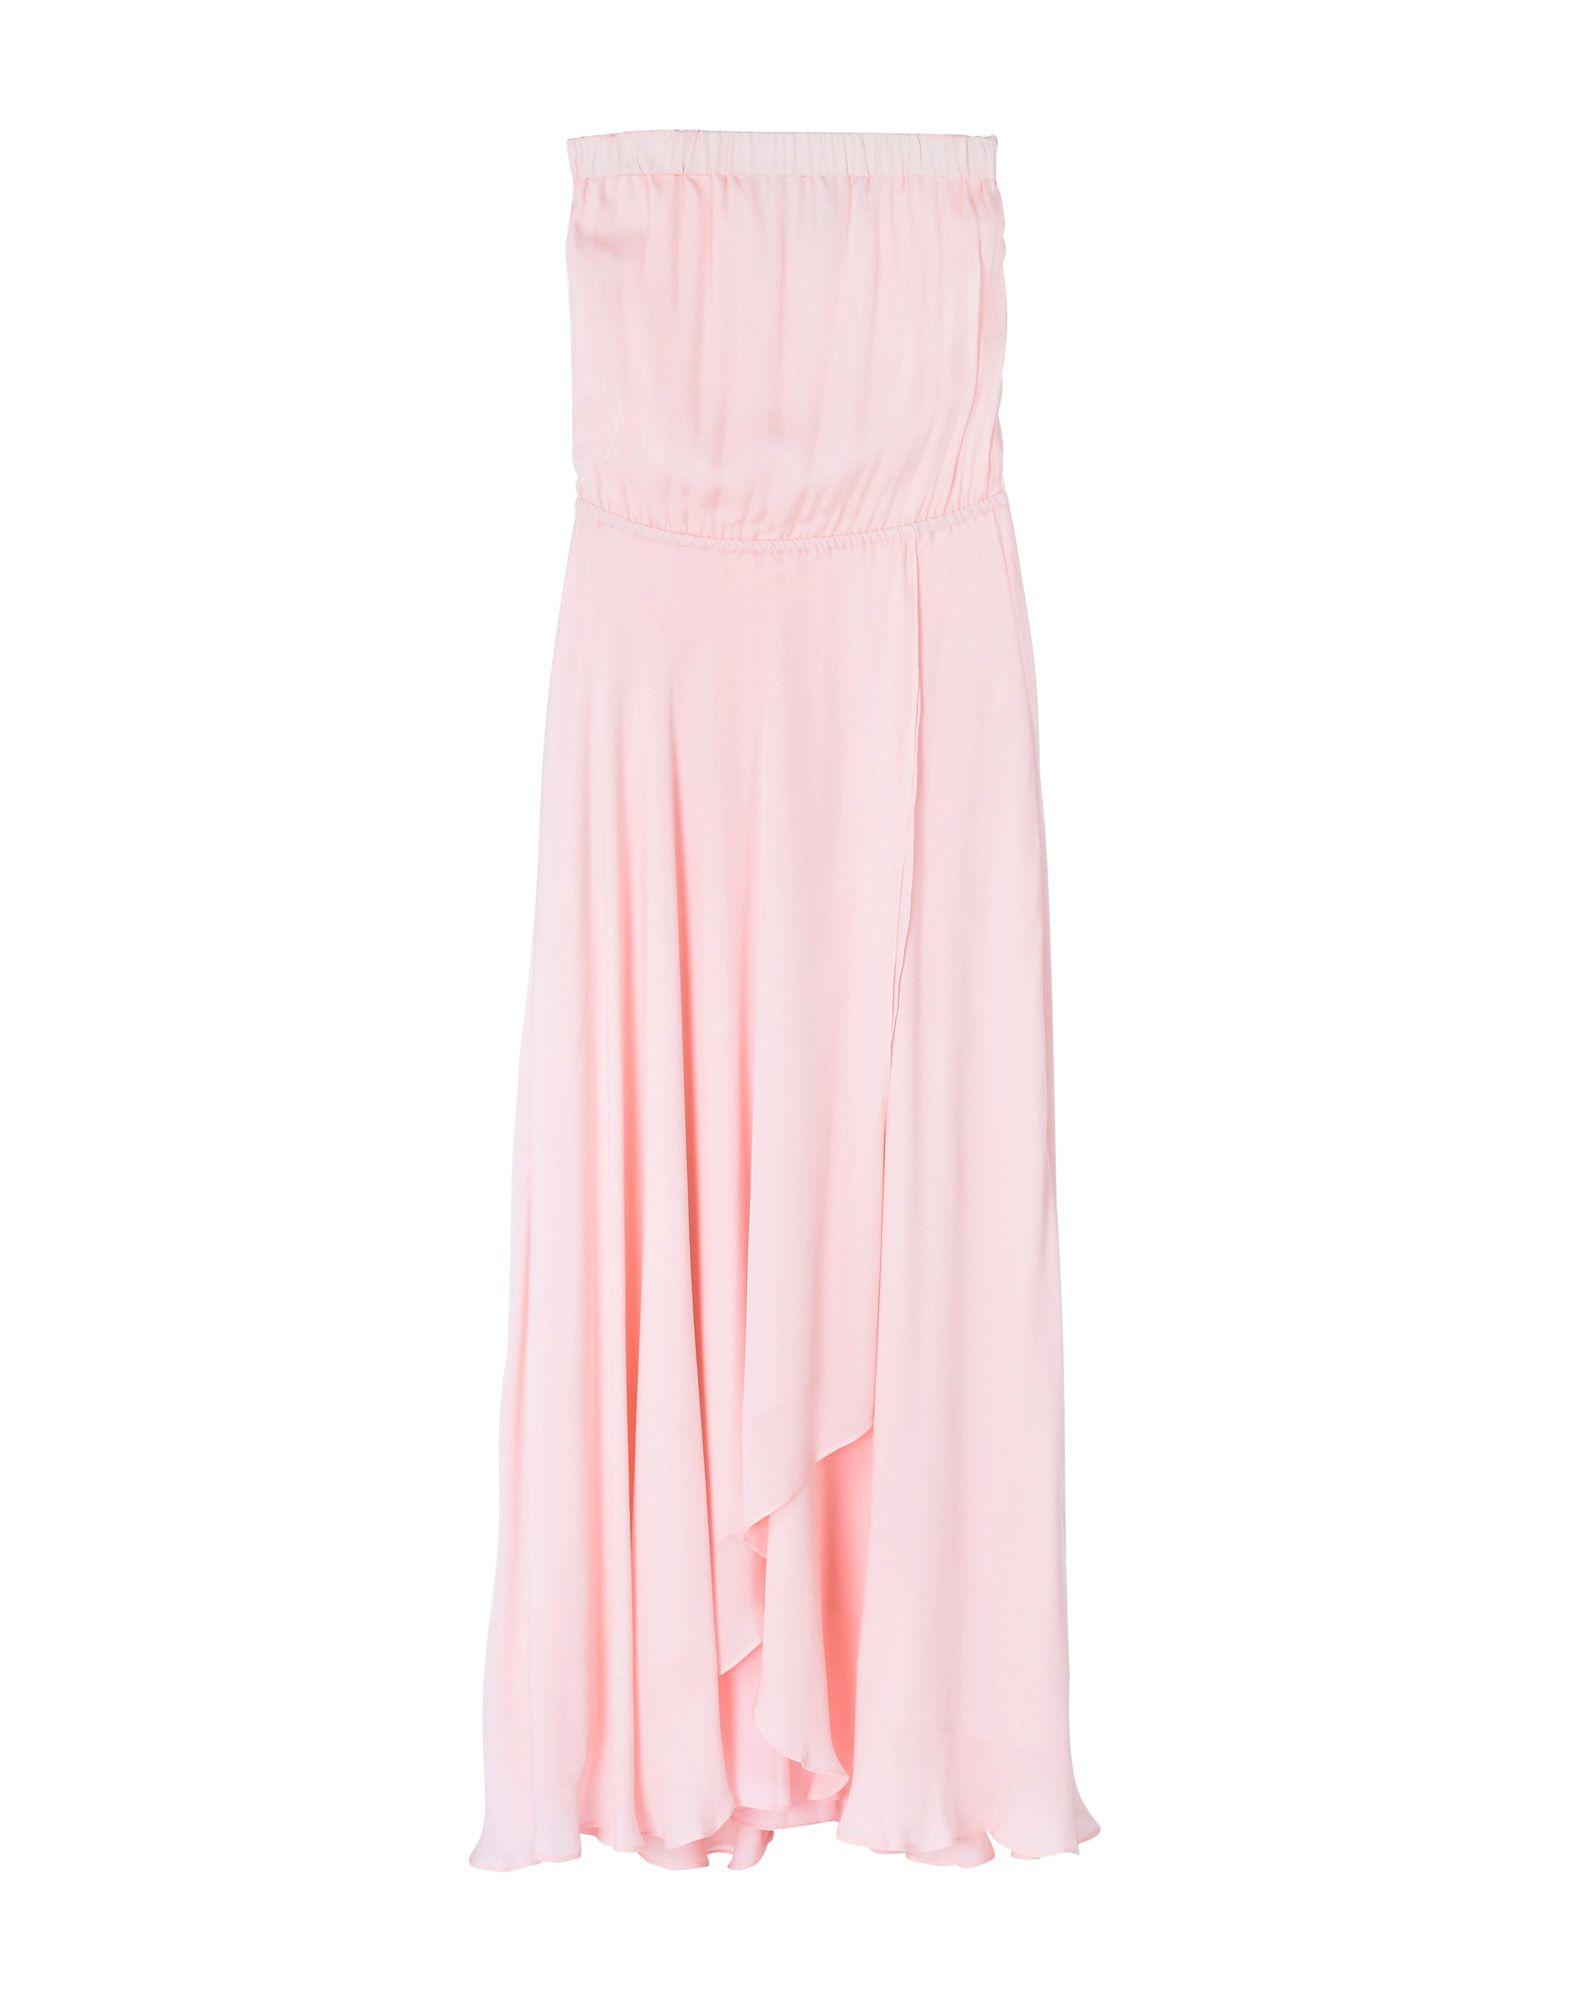 HAUTE HIPPIE Damen Langes Kleid Farbe Hellrosa Größe 5